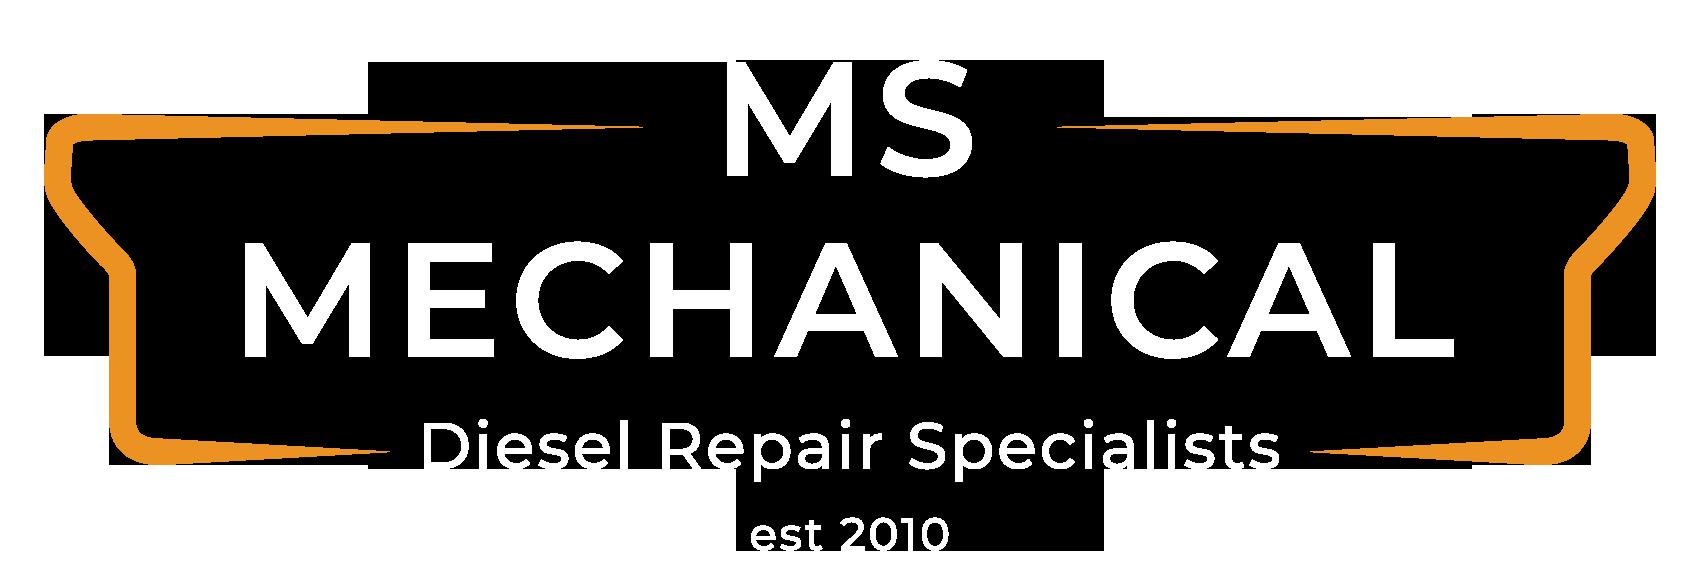 MS Mechanical Diesel Repair Specialists logo